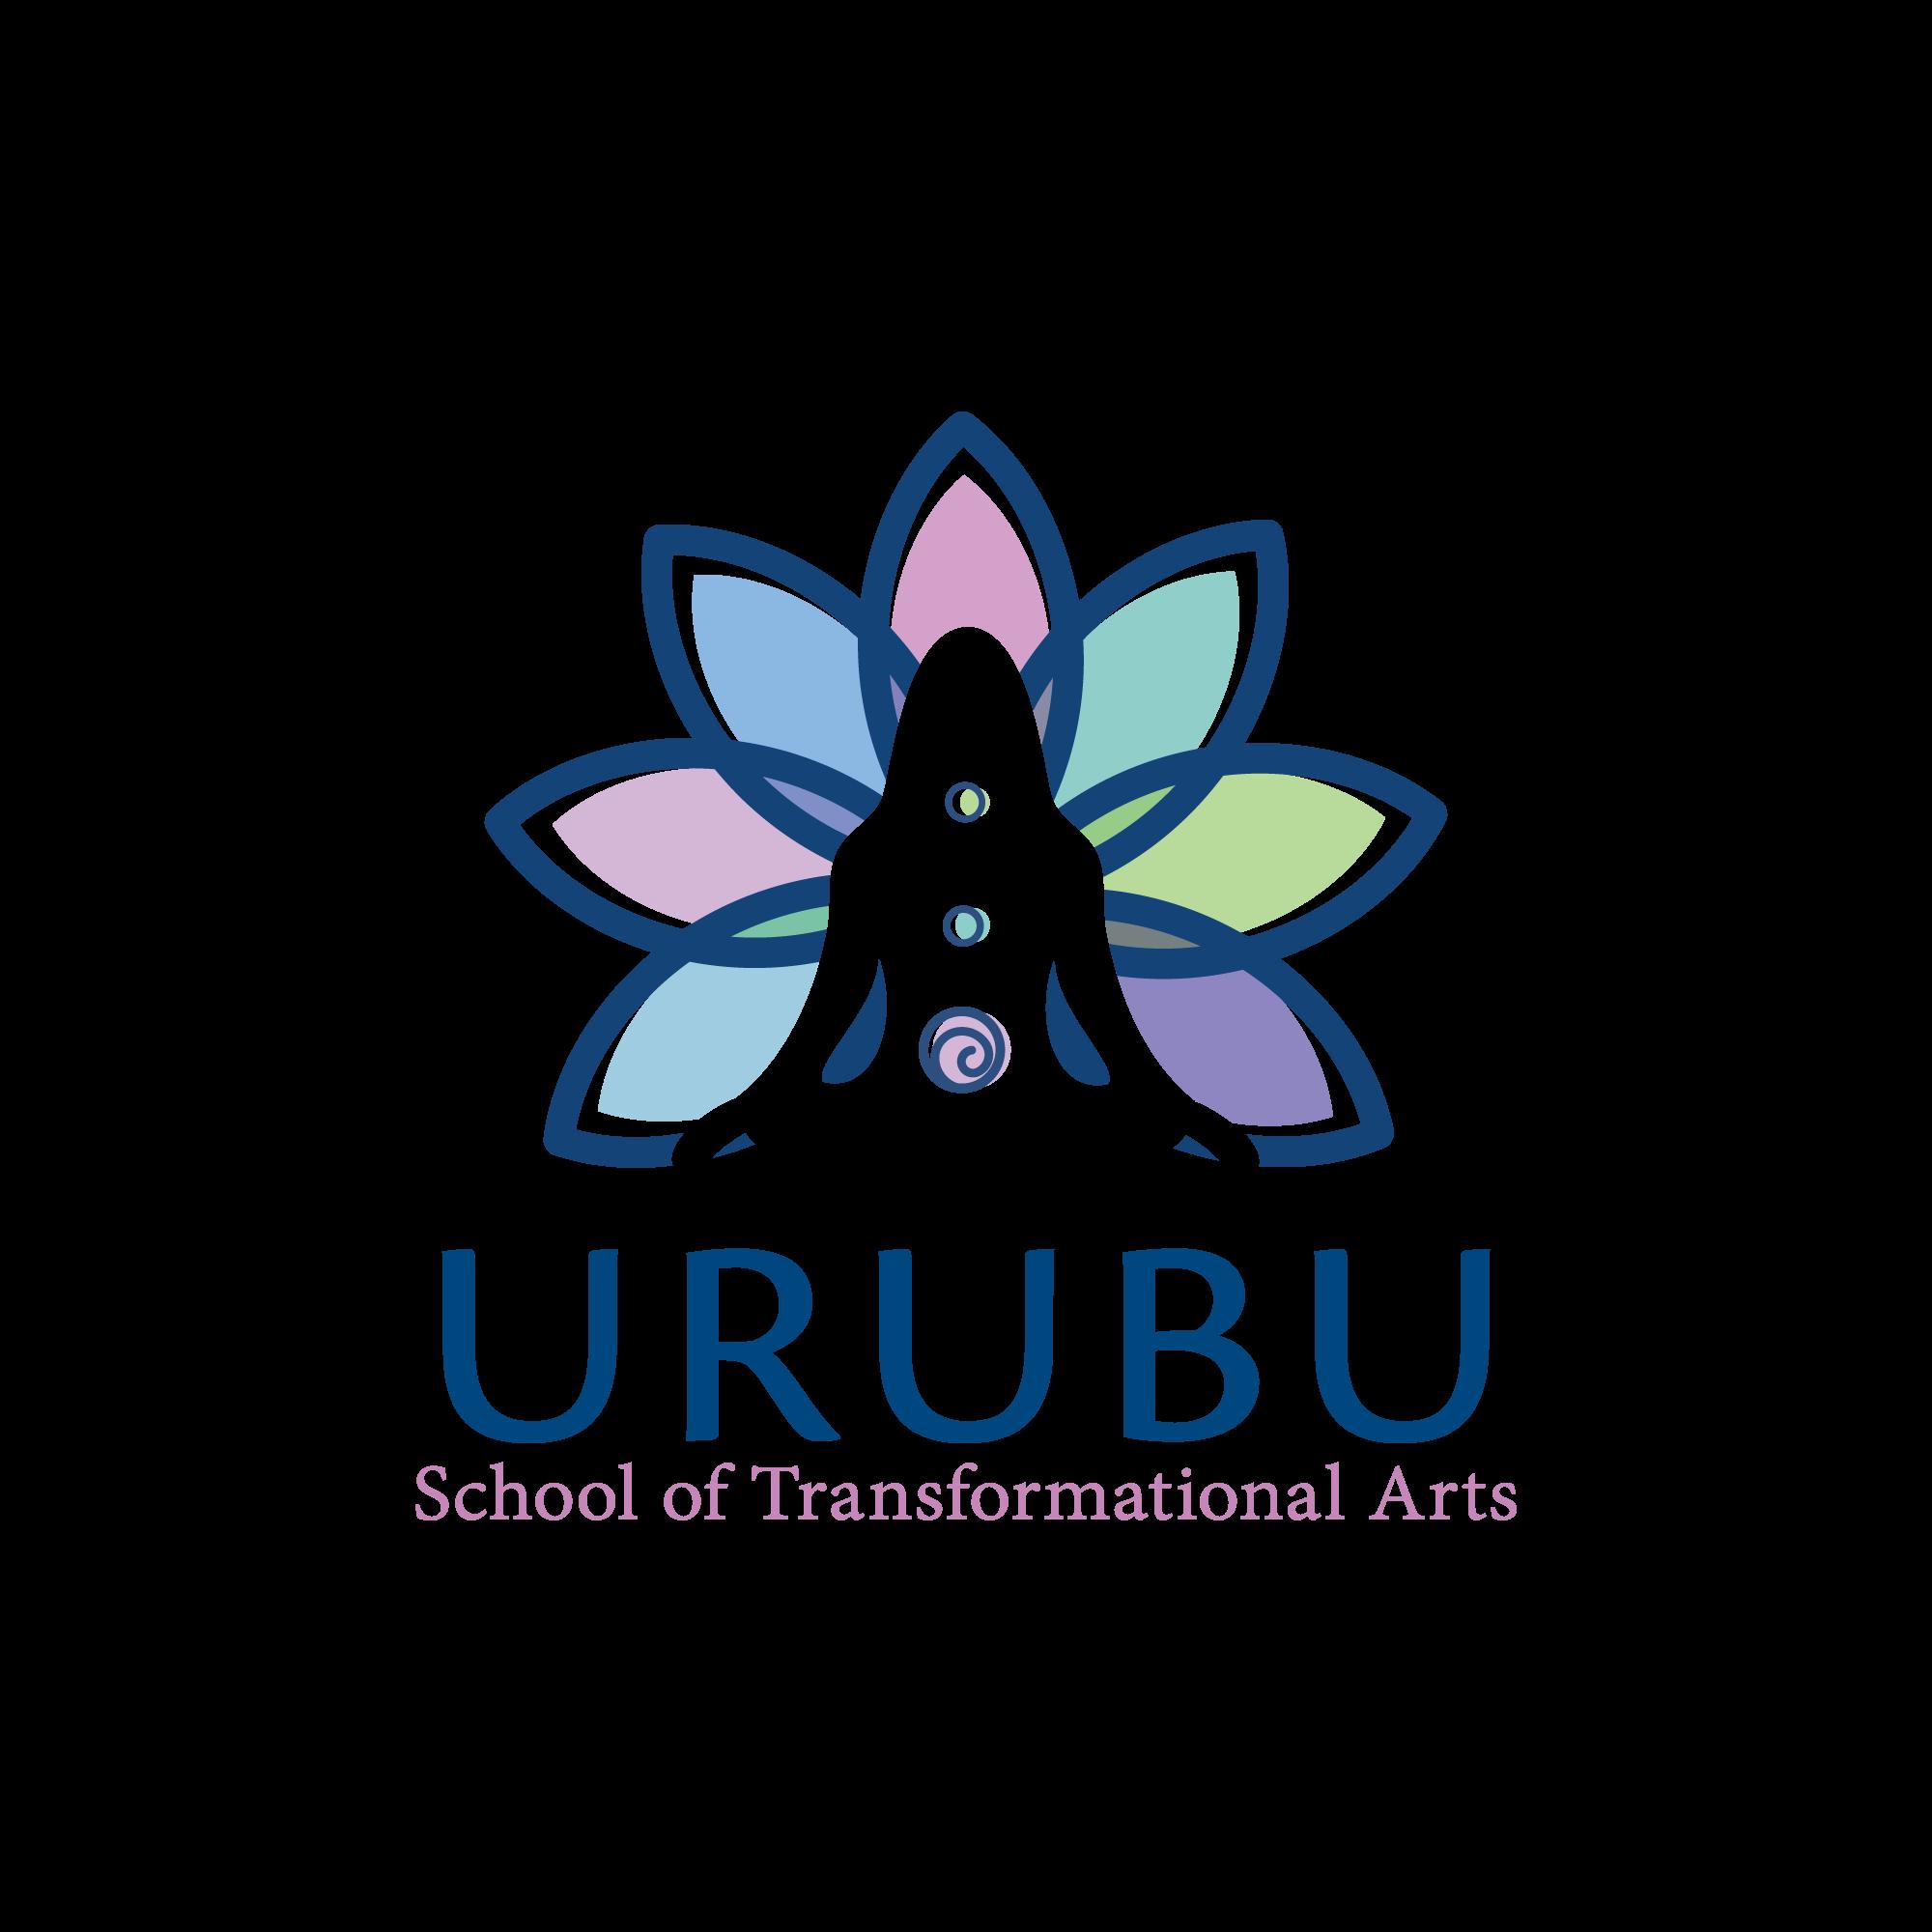 URUBU